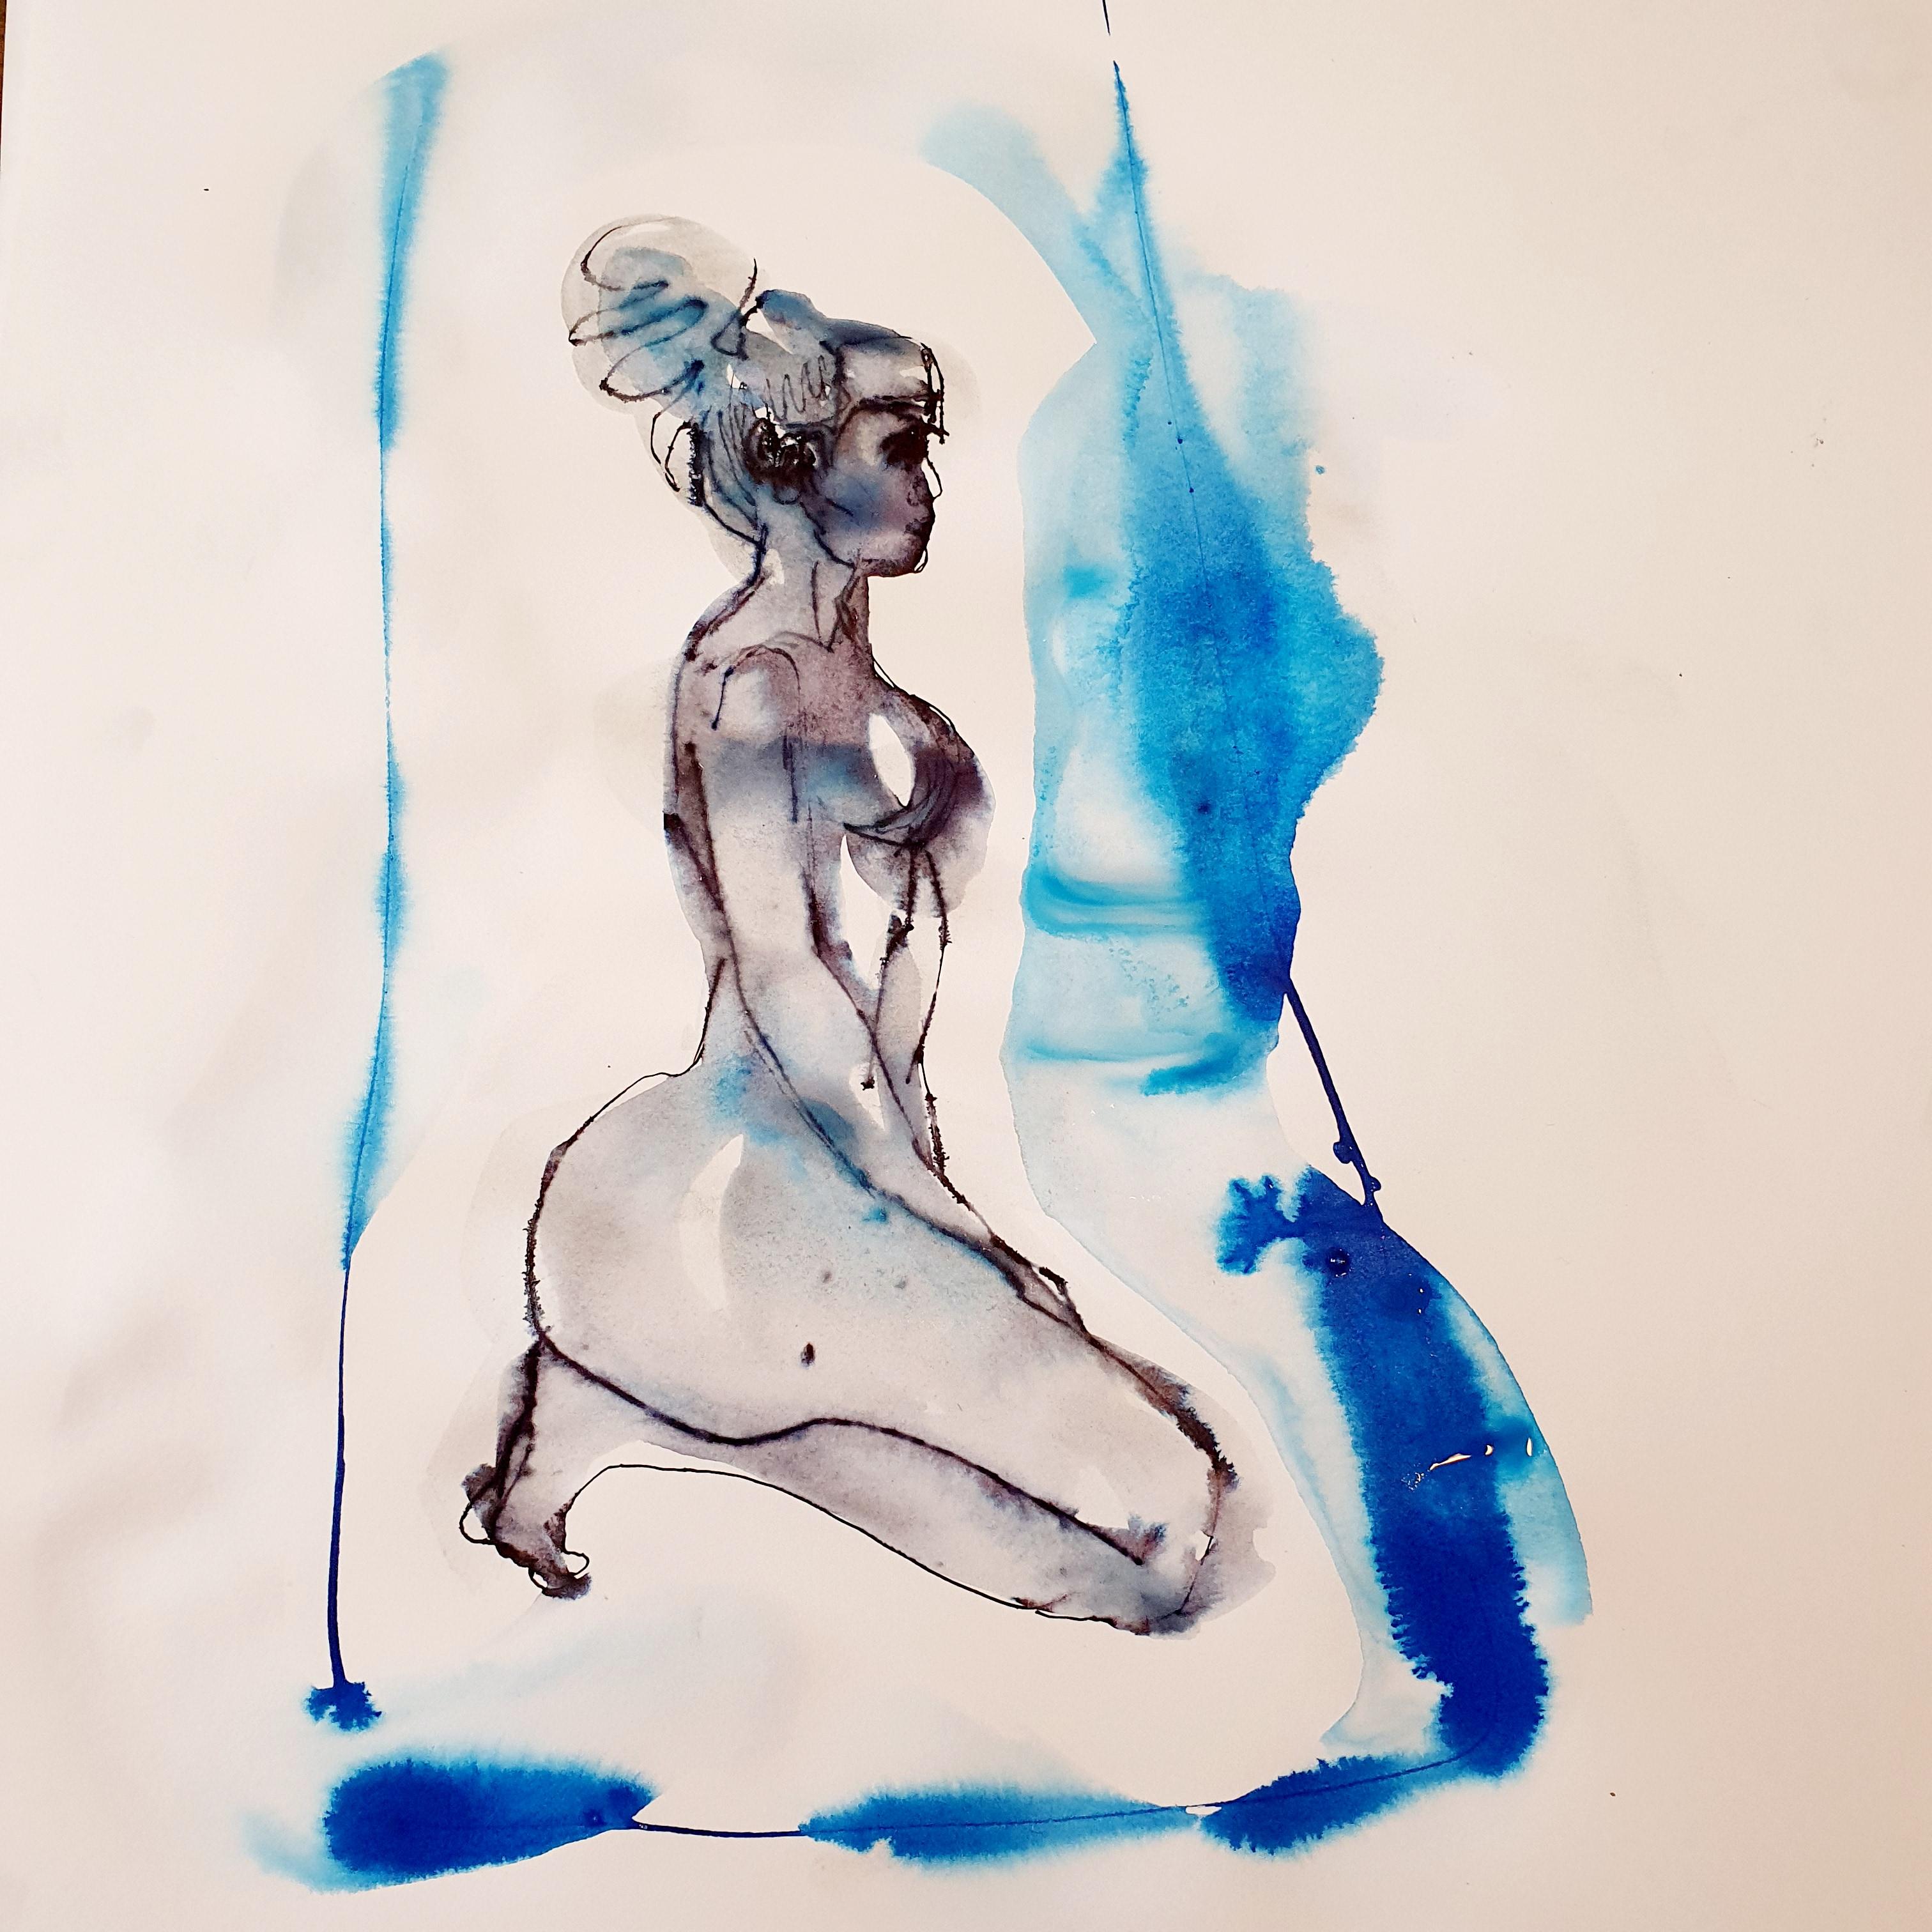 Technique mixte plume encre de Chine aquarelles bleue mod�le vivant femme profil  cours de dessin